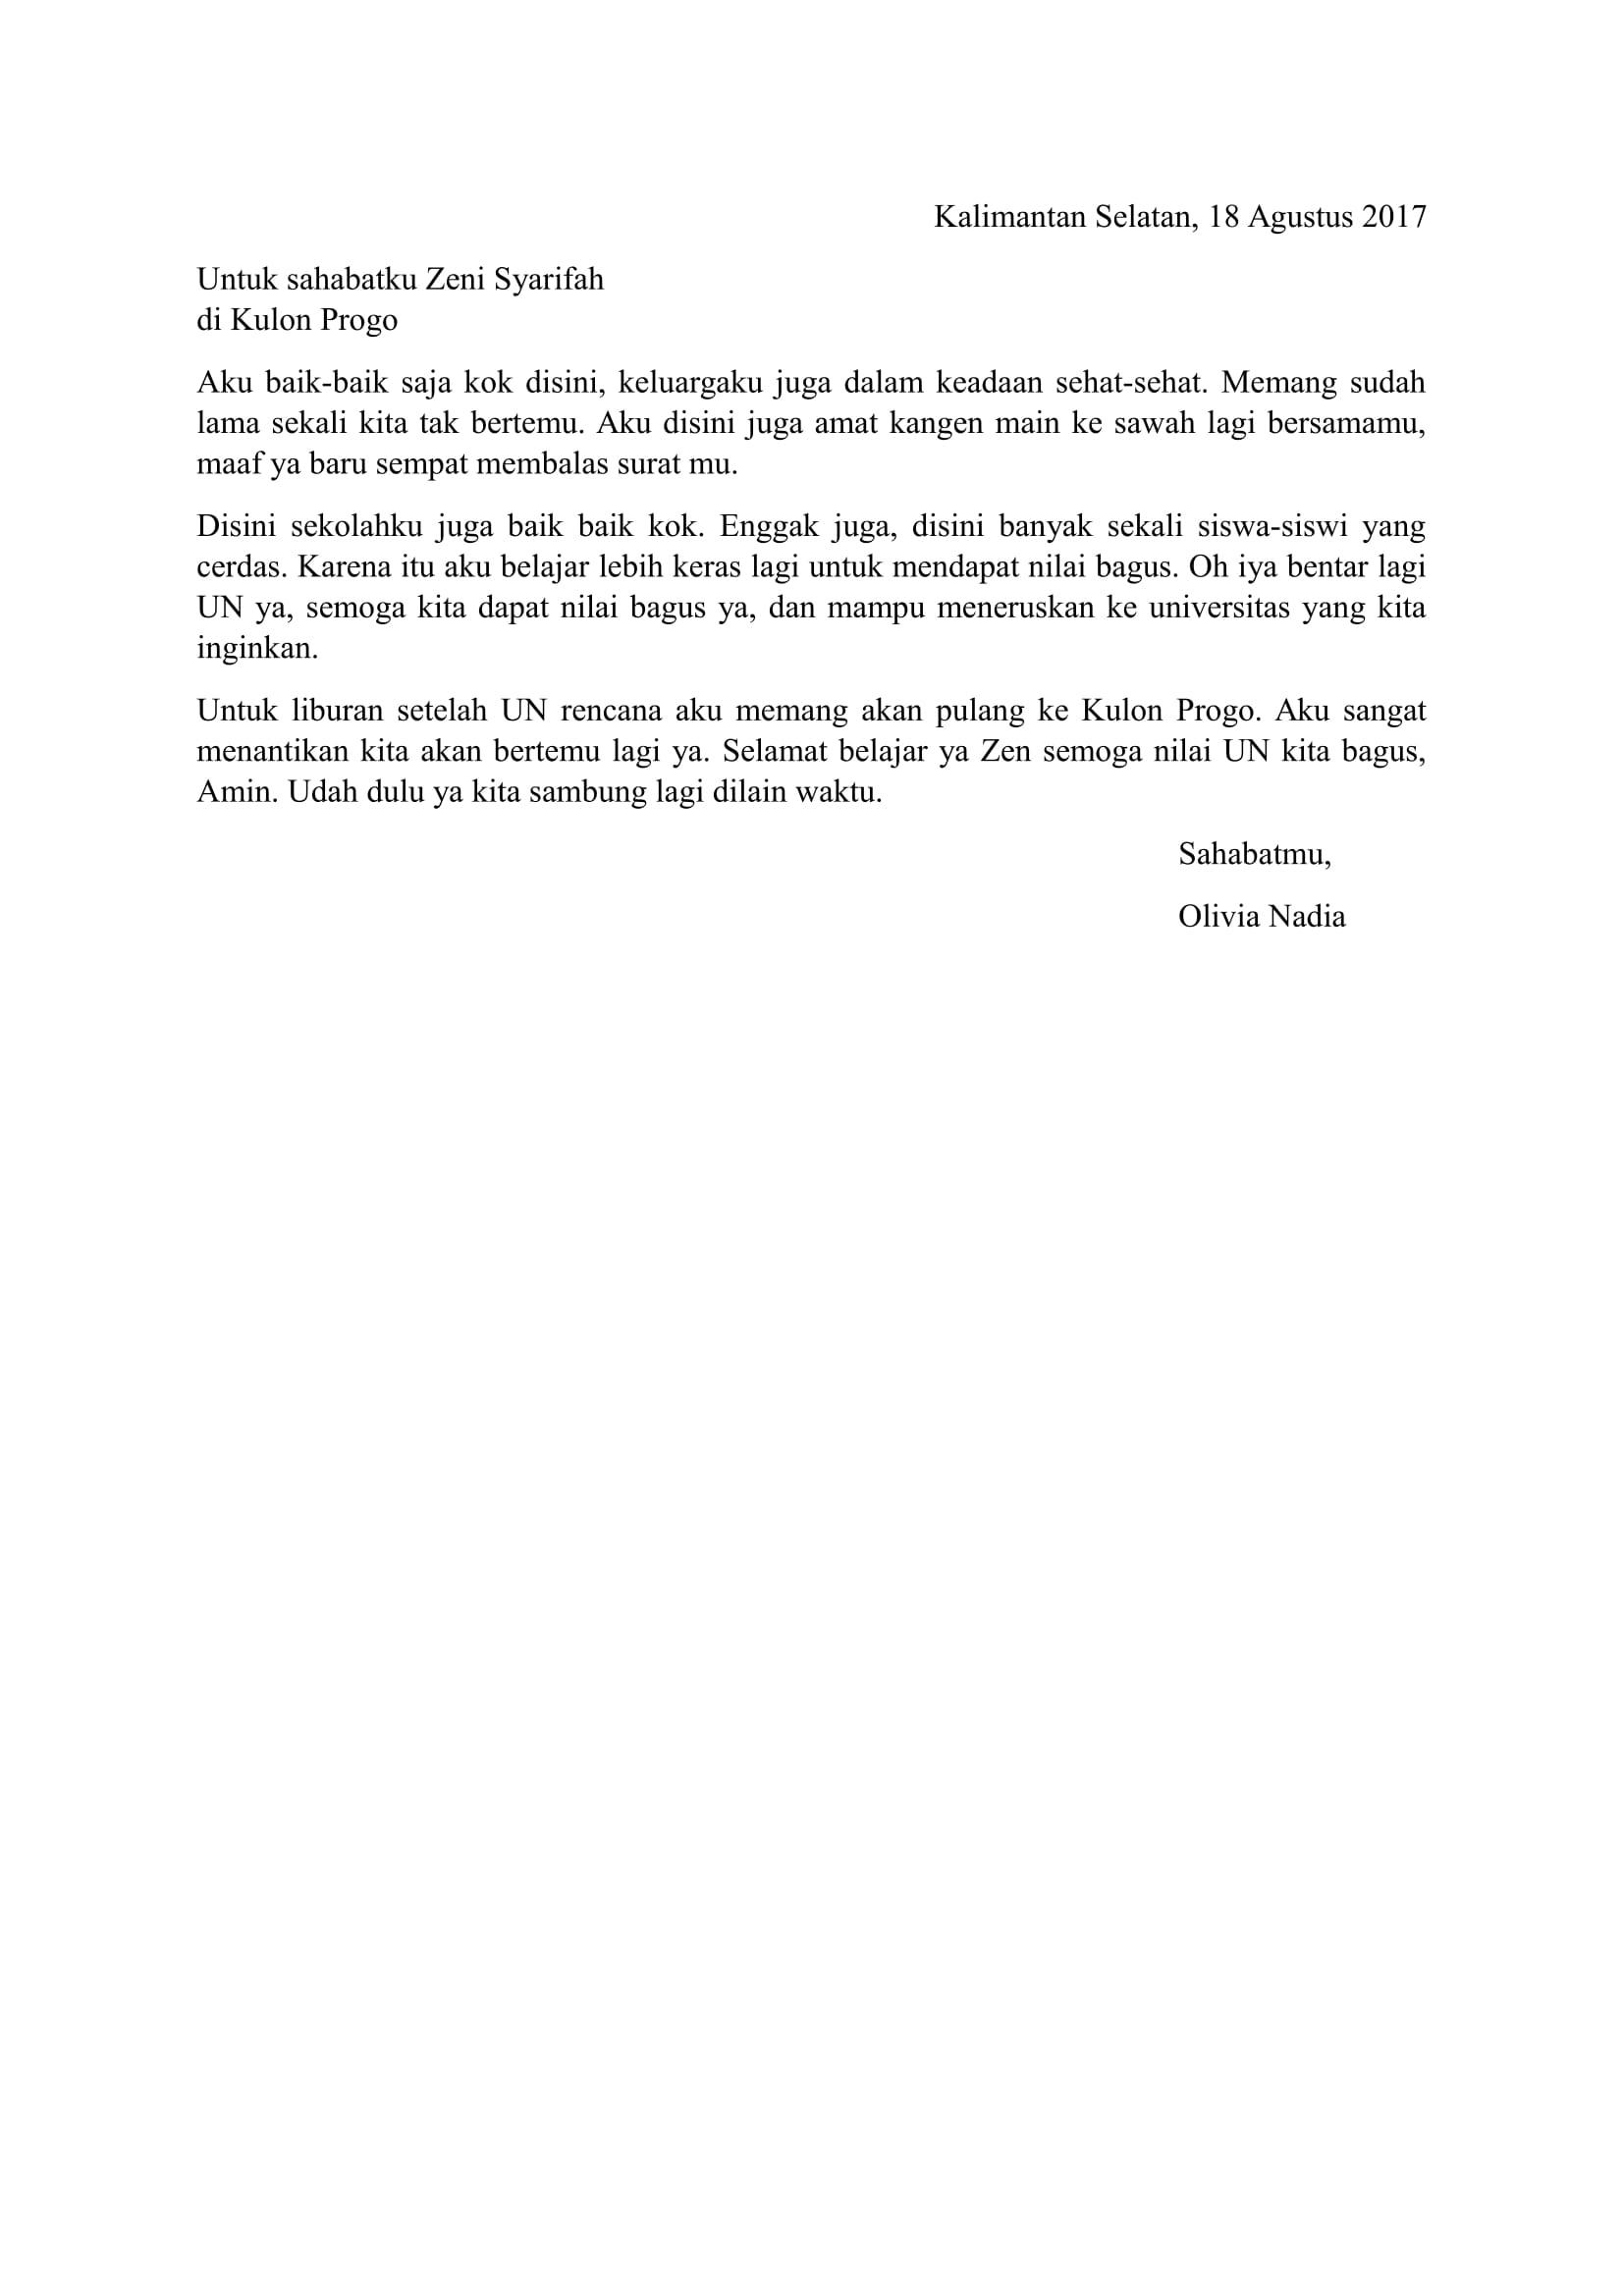 Download Contoh Surat Untuk Sahabat Pena